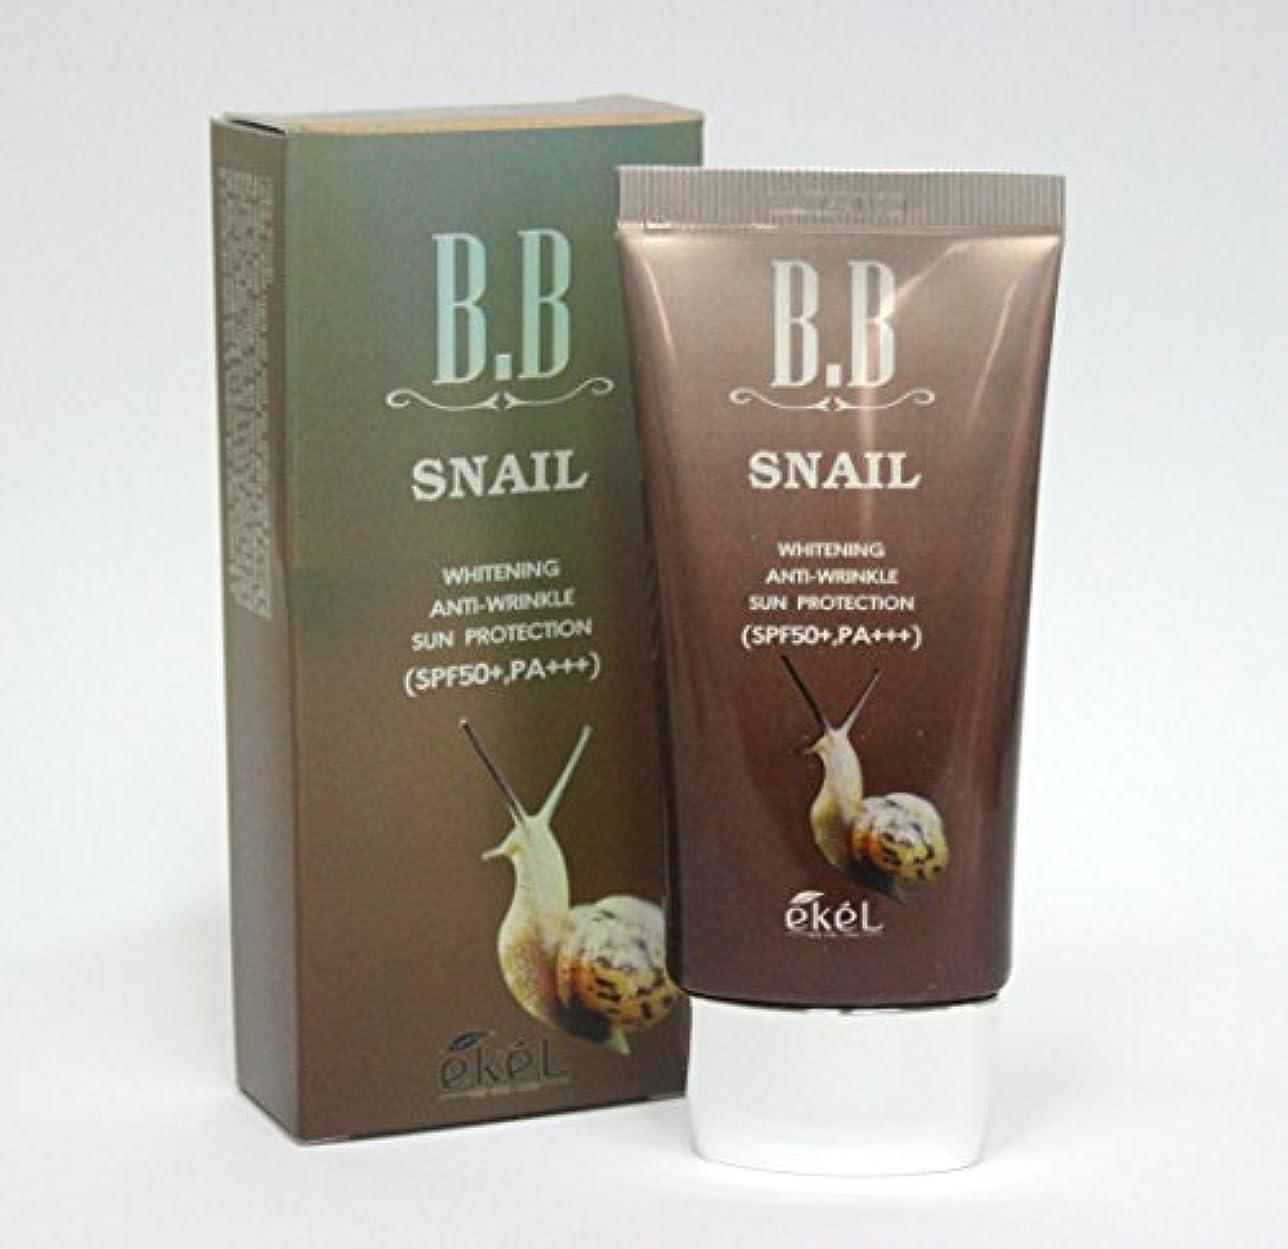 リブ効能粘着性[Ekel] カタツムリBBクリーム50ml / ホワイトニング , SPF50 + PA +++ / 韓国化粧品 / Snail BB Cream 50ml / Whitening, SPF50+ PA+++ / Korea...